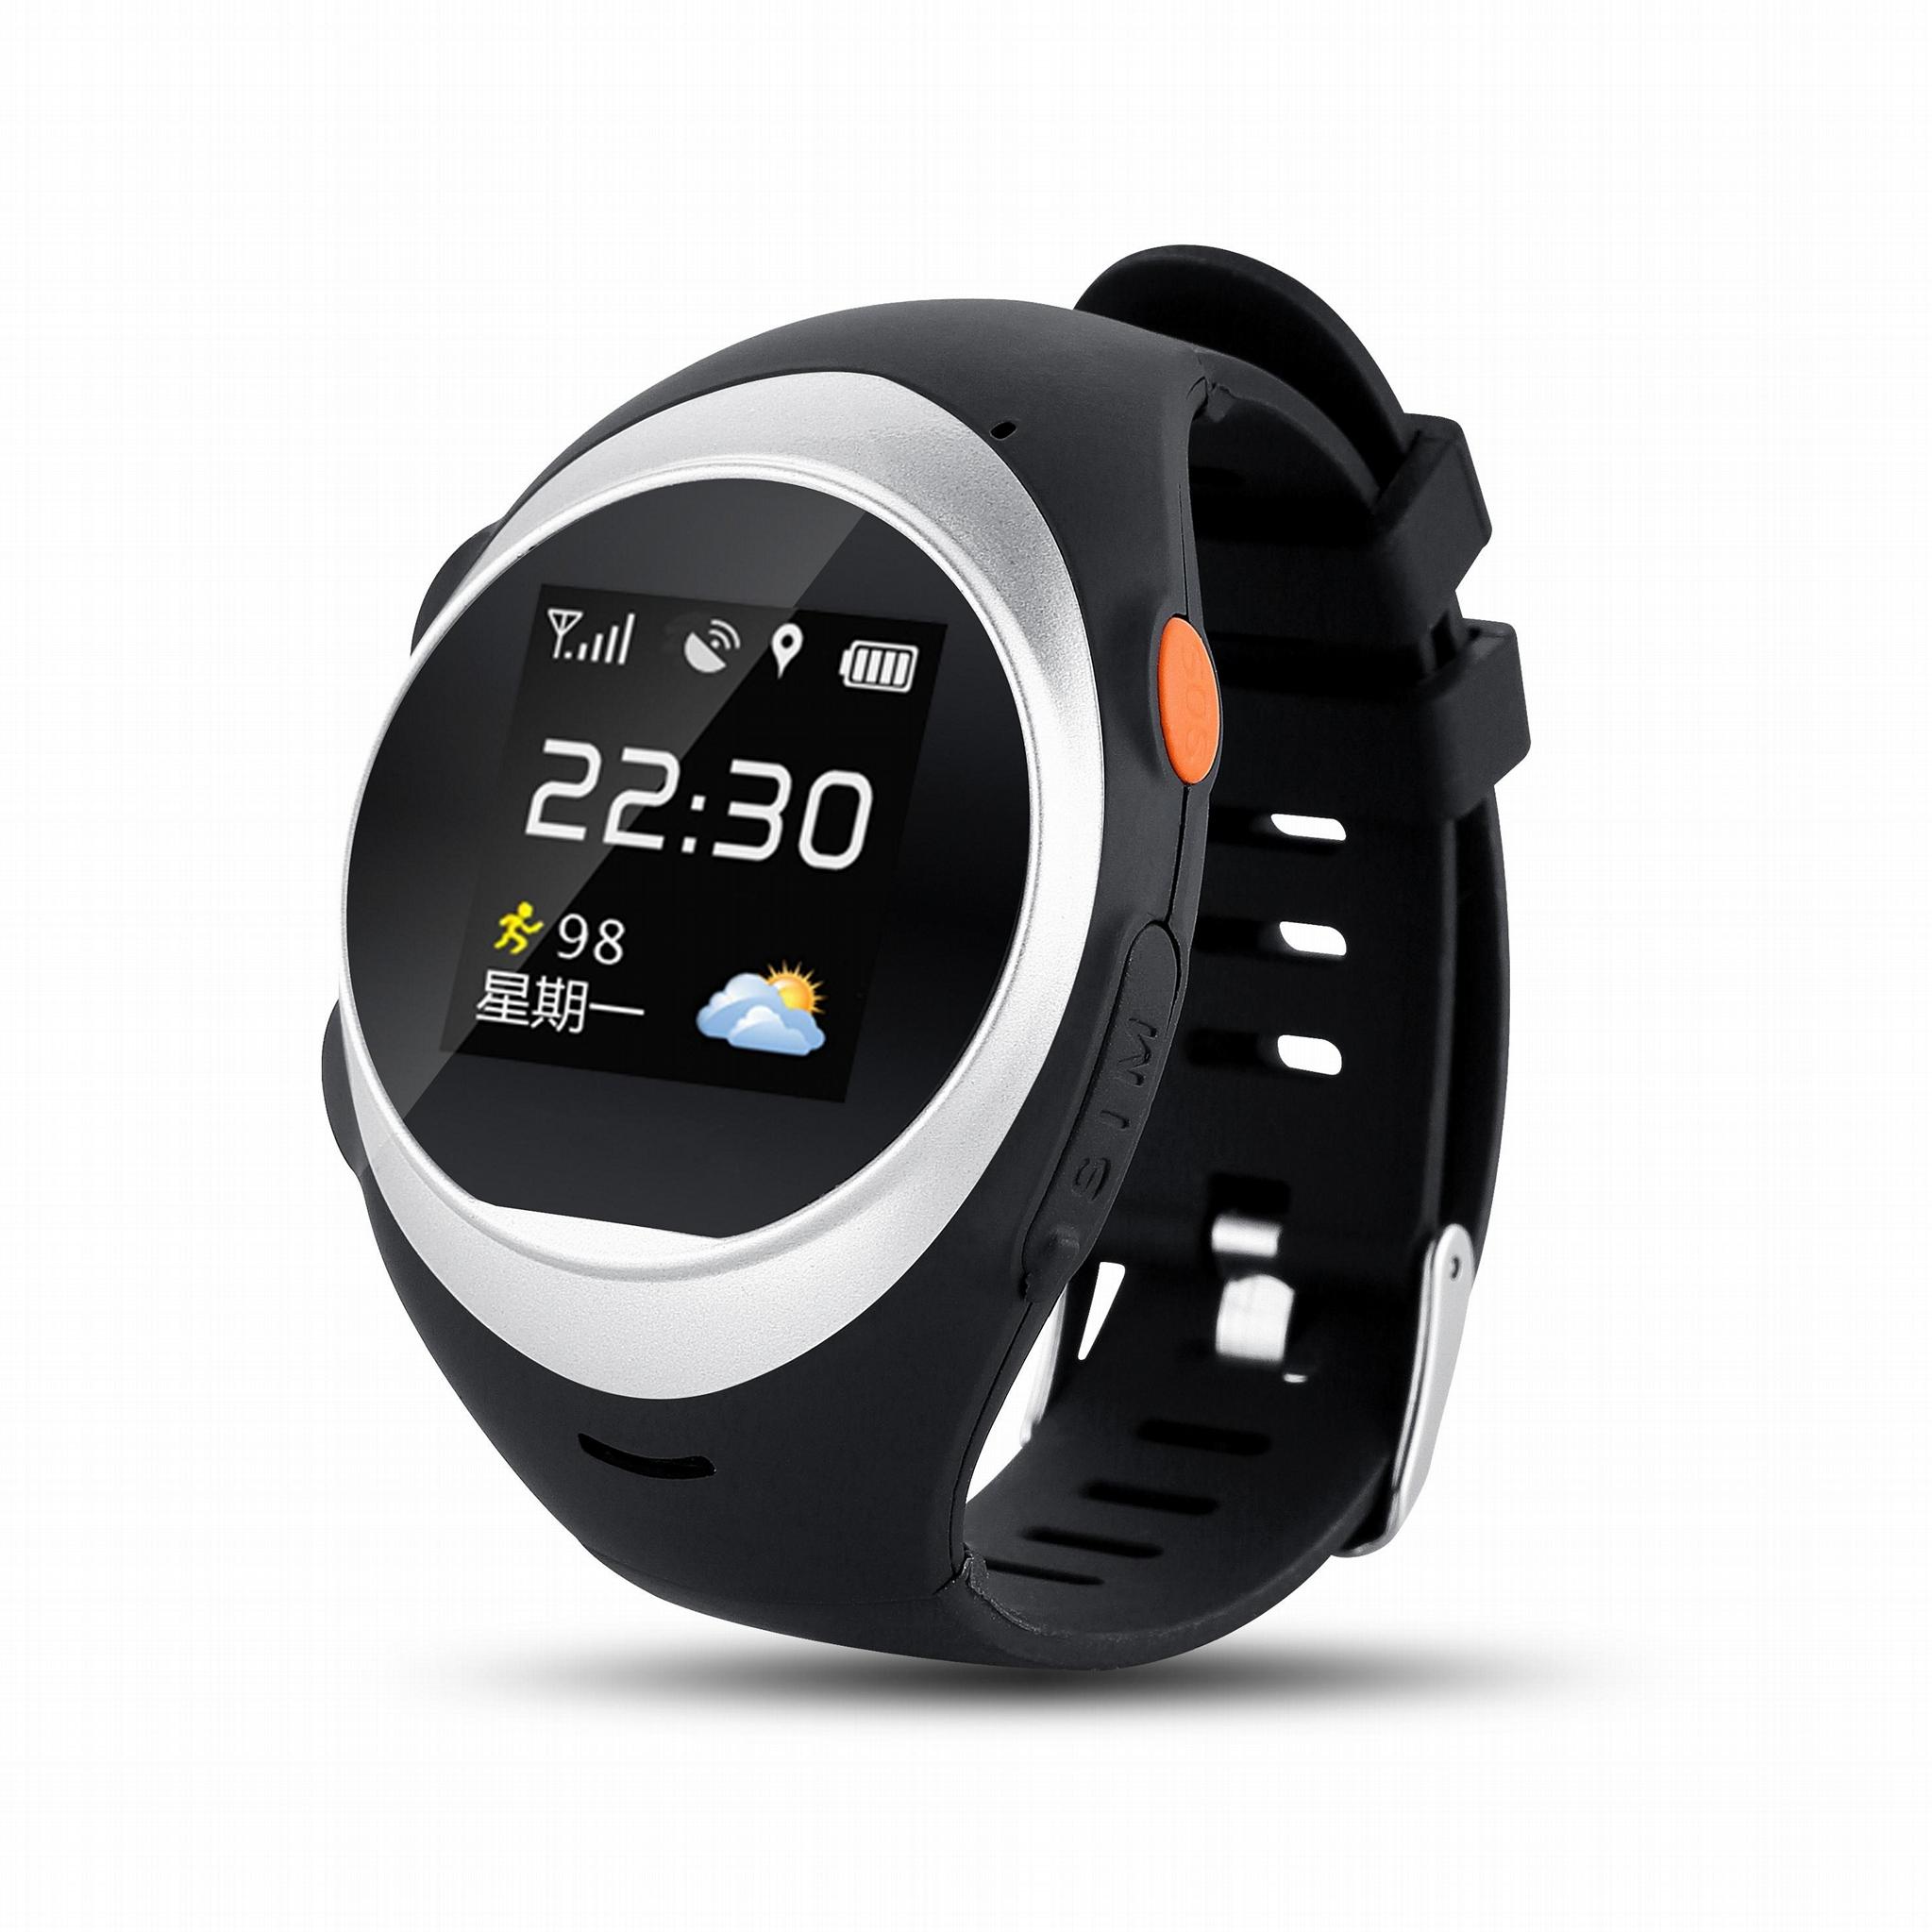 益身伴老人GPS定位手錶  3